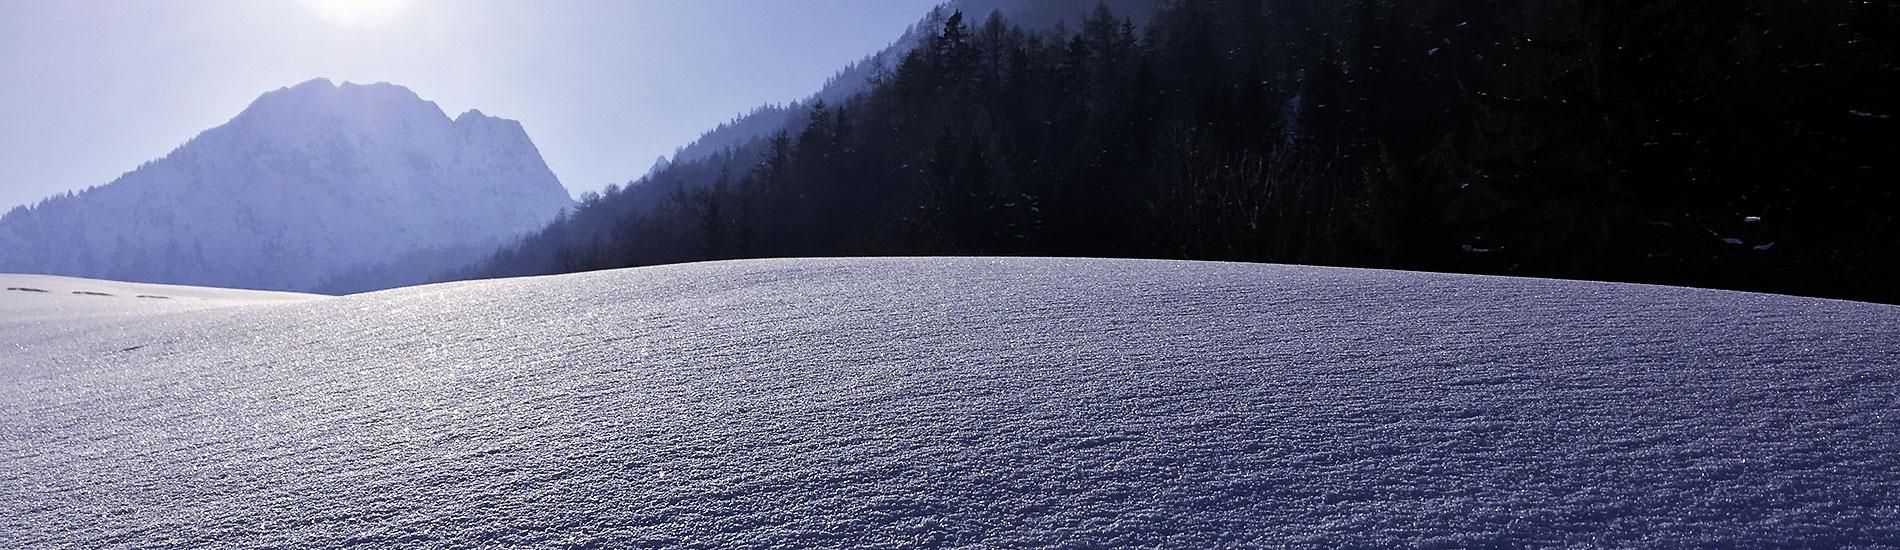 Planajeur sous la neige